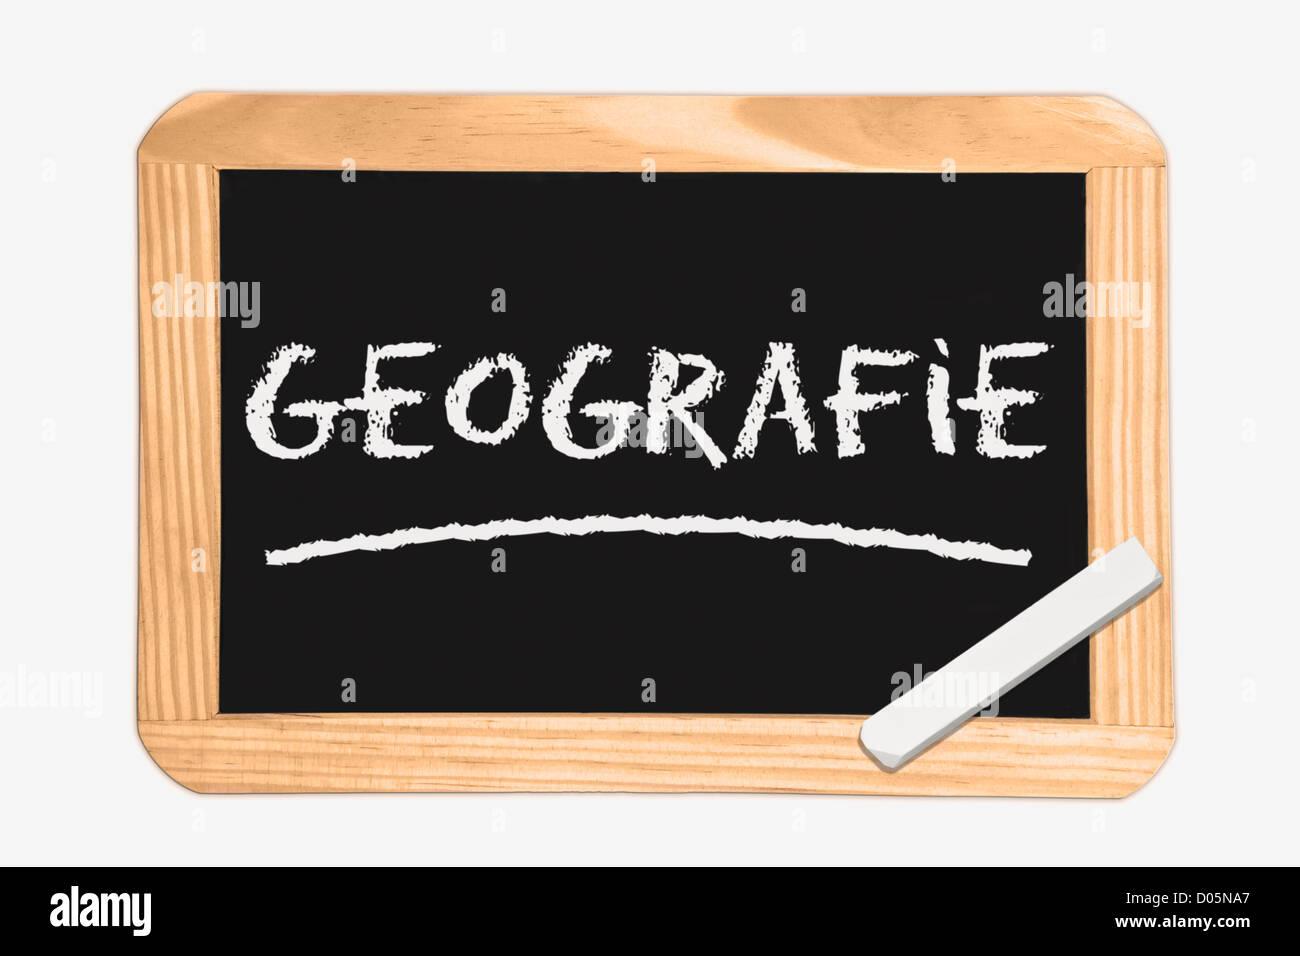 Detail-Foto von einer Tafel mit deutscher Inschrift Geographie, weiße Kreide liegt in einer Ecke Stockbild